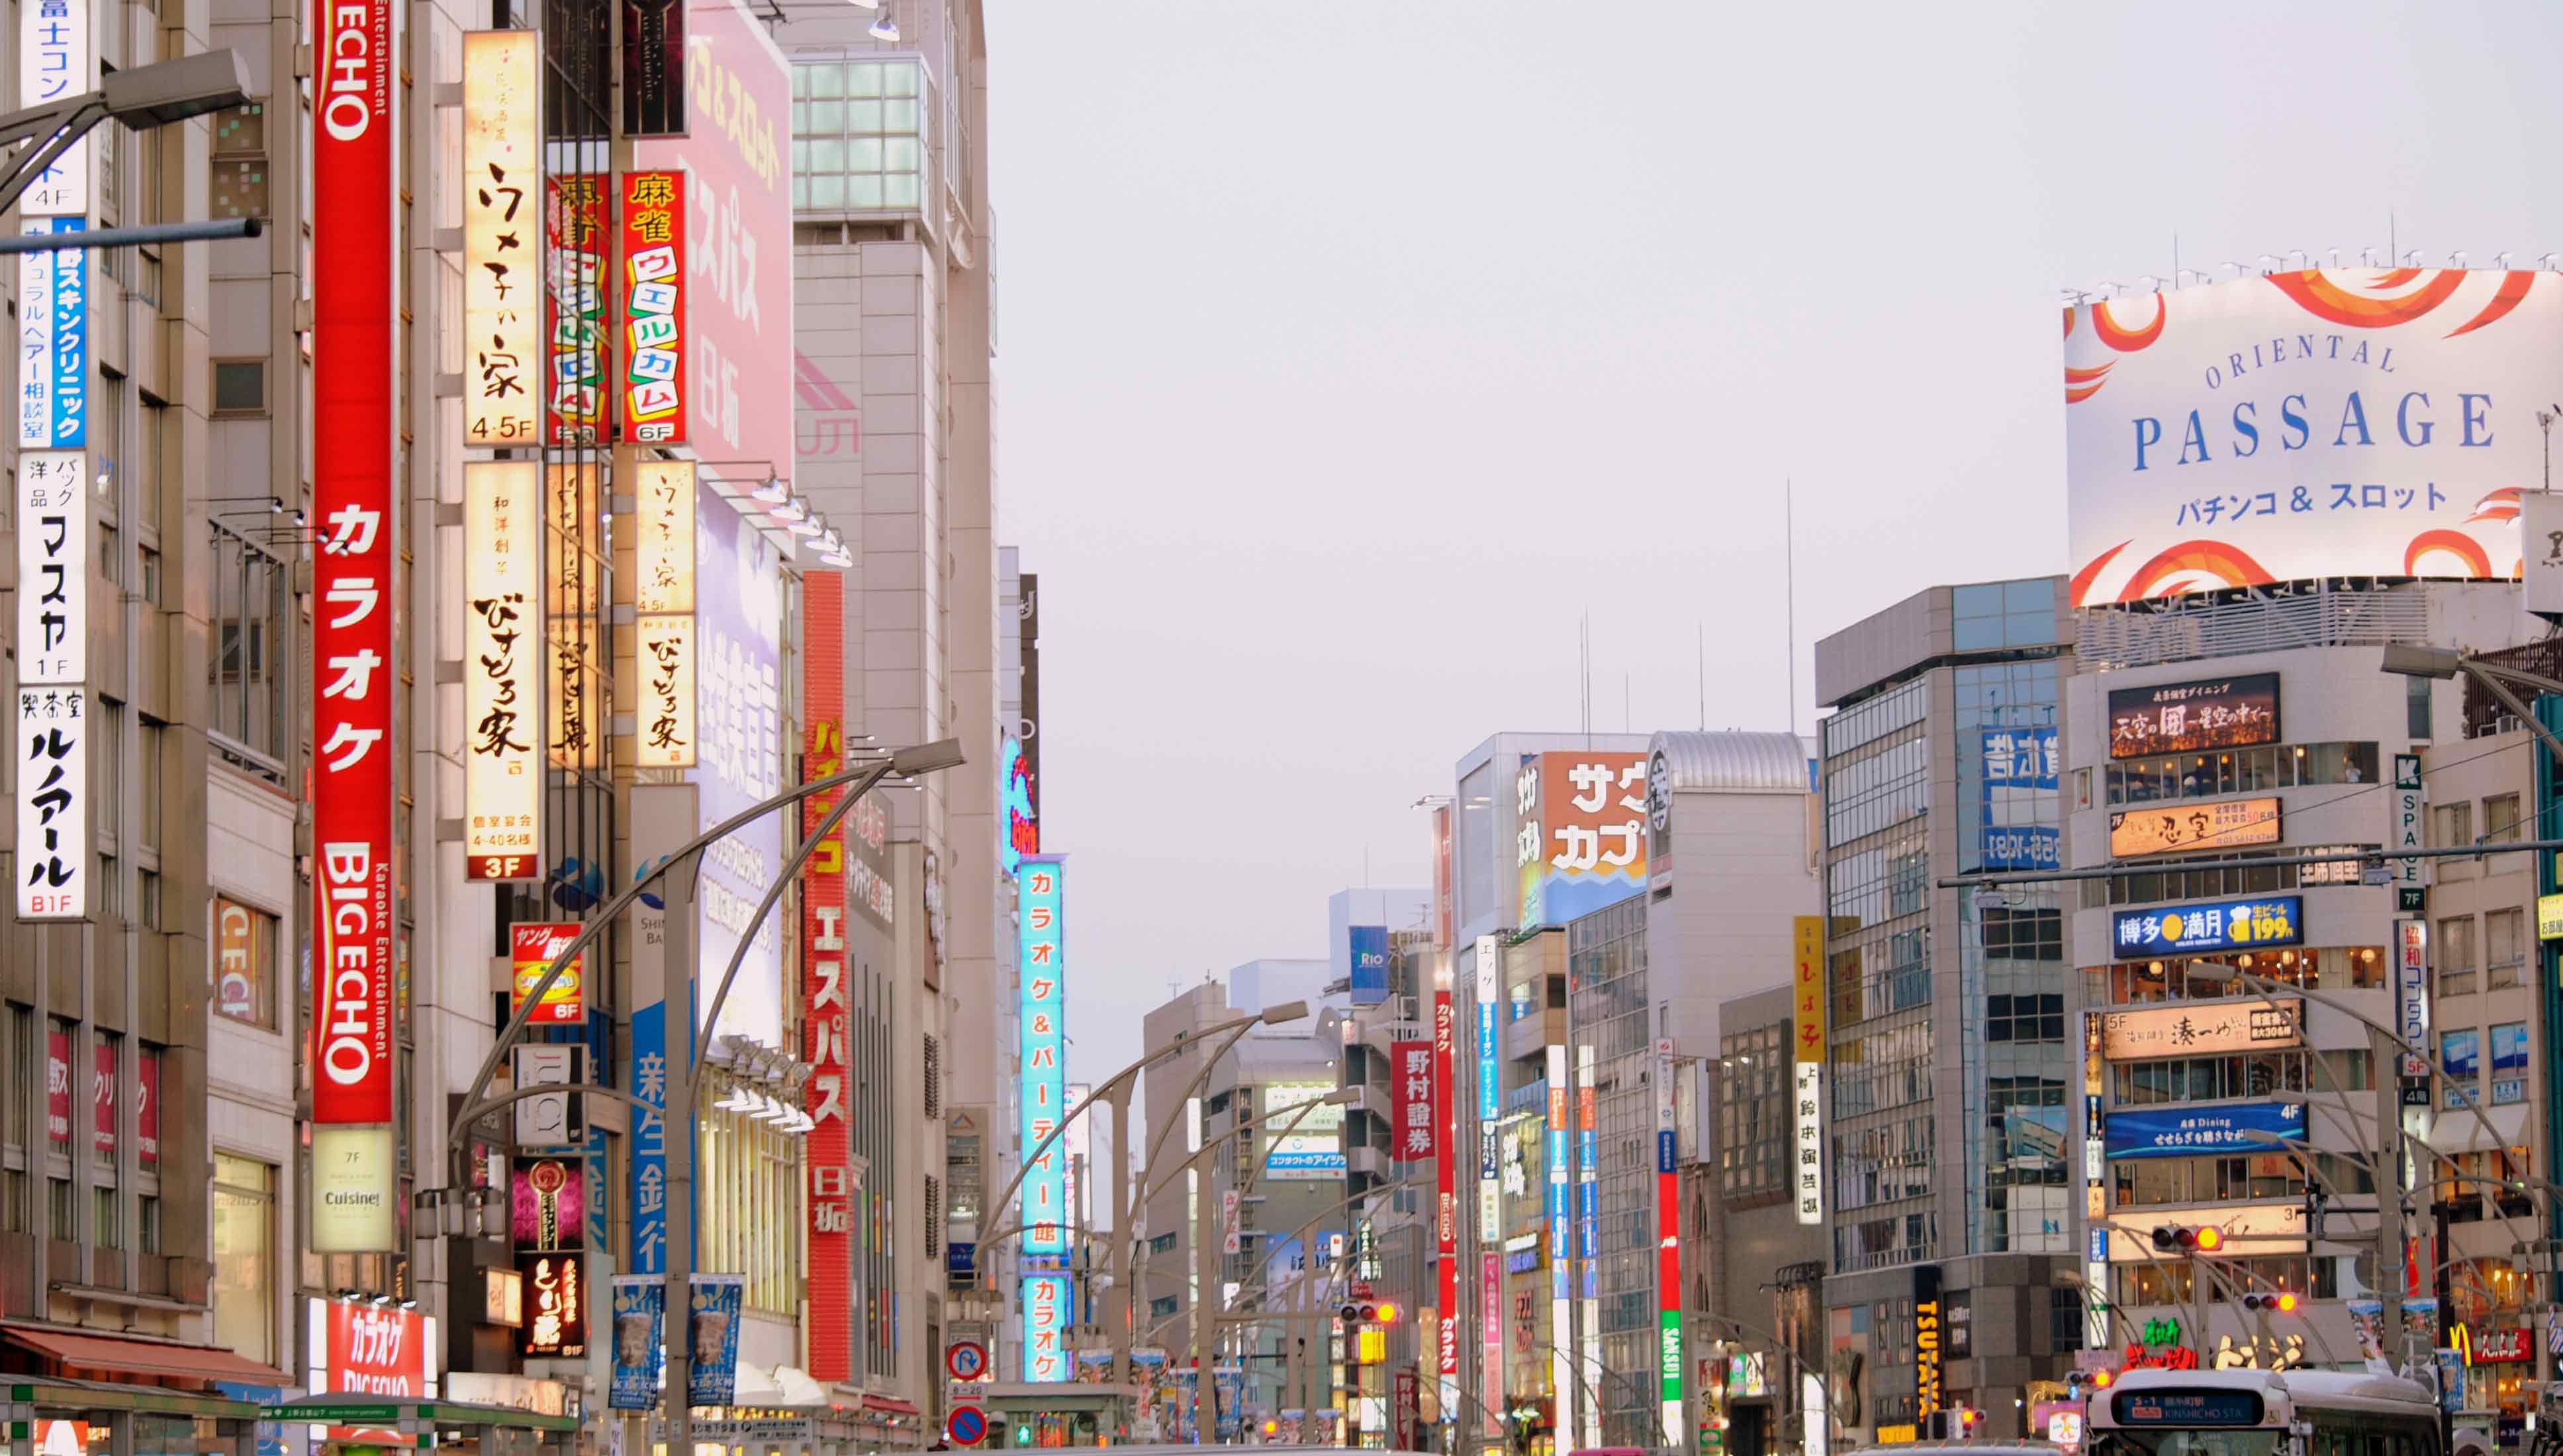 Calle principal de Akihabara, barrio de la electrónica y el Manga. Japón, 2014.